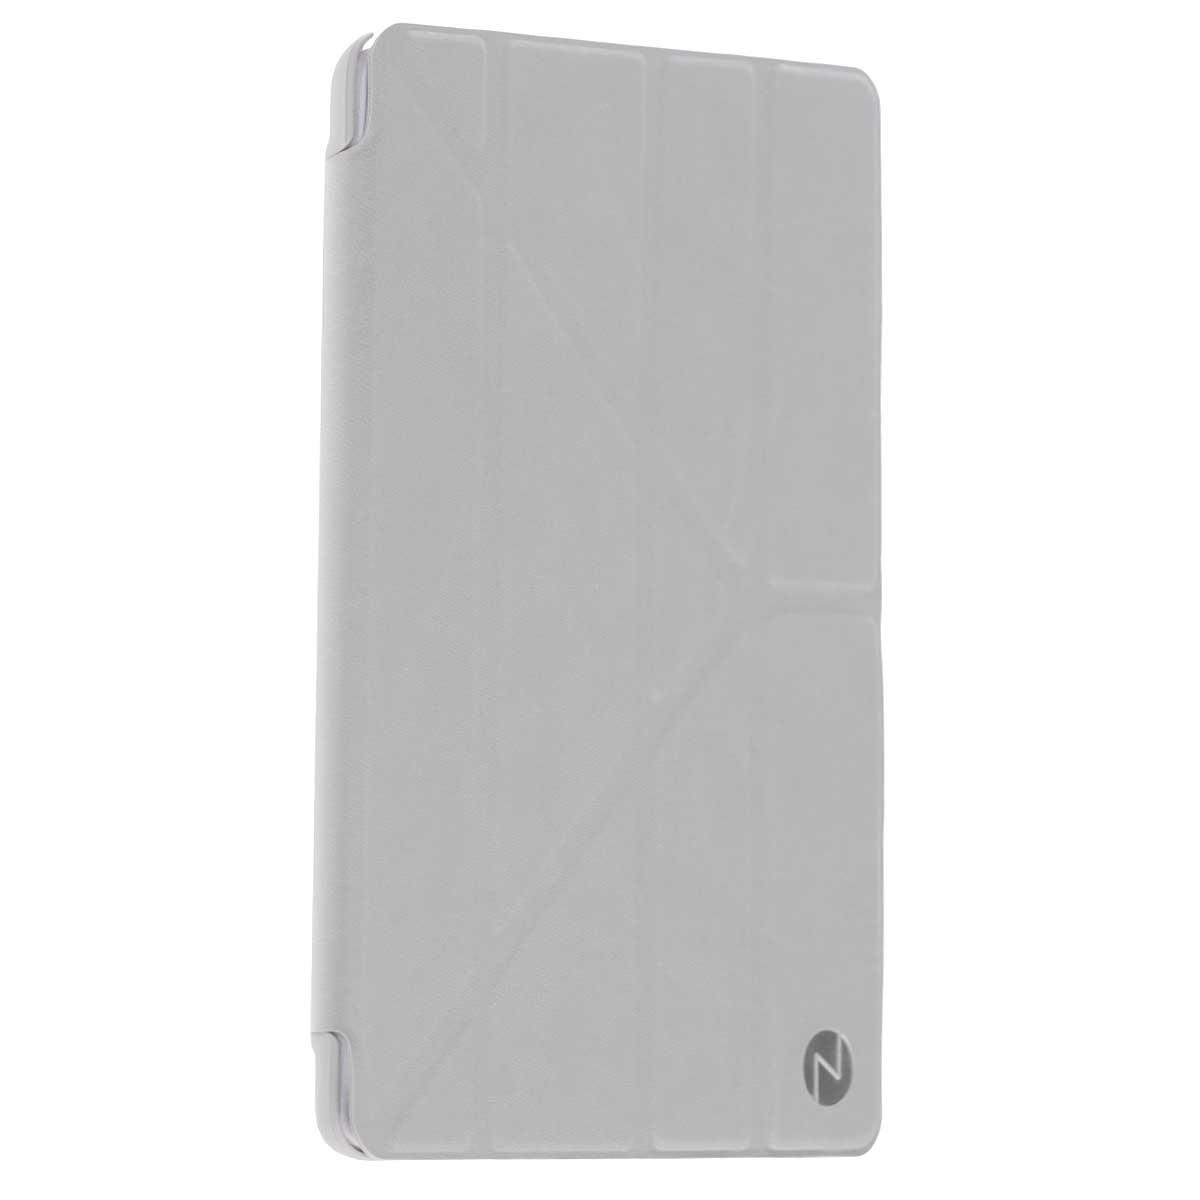 Onzo Minimal чехол для Apple iPad Air 2, GrayOZ452110Onzo Minimal - чехол-книжка с мягкой внутренней подкладкой, которая защищает экран от царапин. Имеет покрытие Soft touch, а режим Sleep Mode автоматически вводит iPad Air 2 в режим сна и выводит из него при открытии и закрытии. Мультифункциональная Y-образная крышка, помогает использовать девайс в горизонтальном и вертикальном положении под наиболее удобным наклоном.